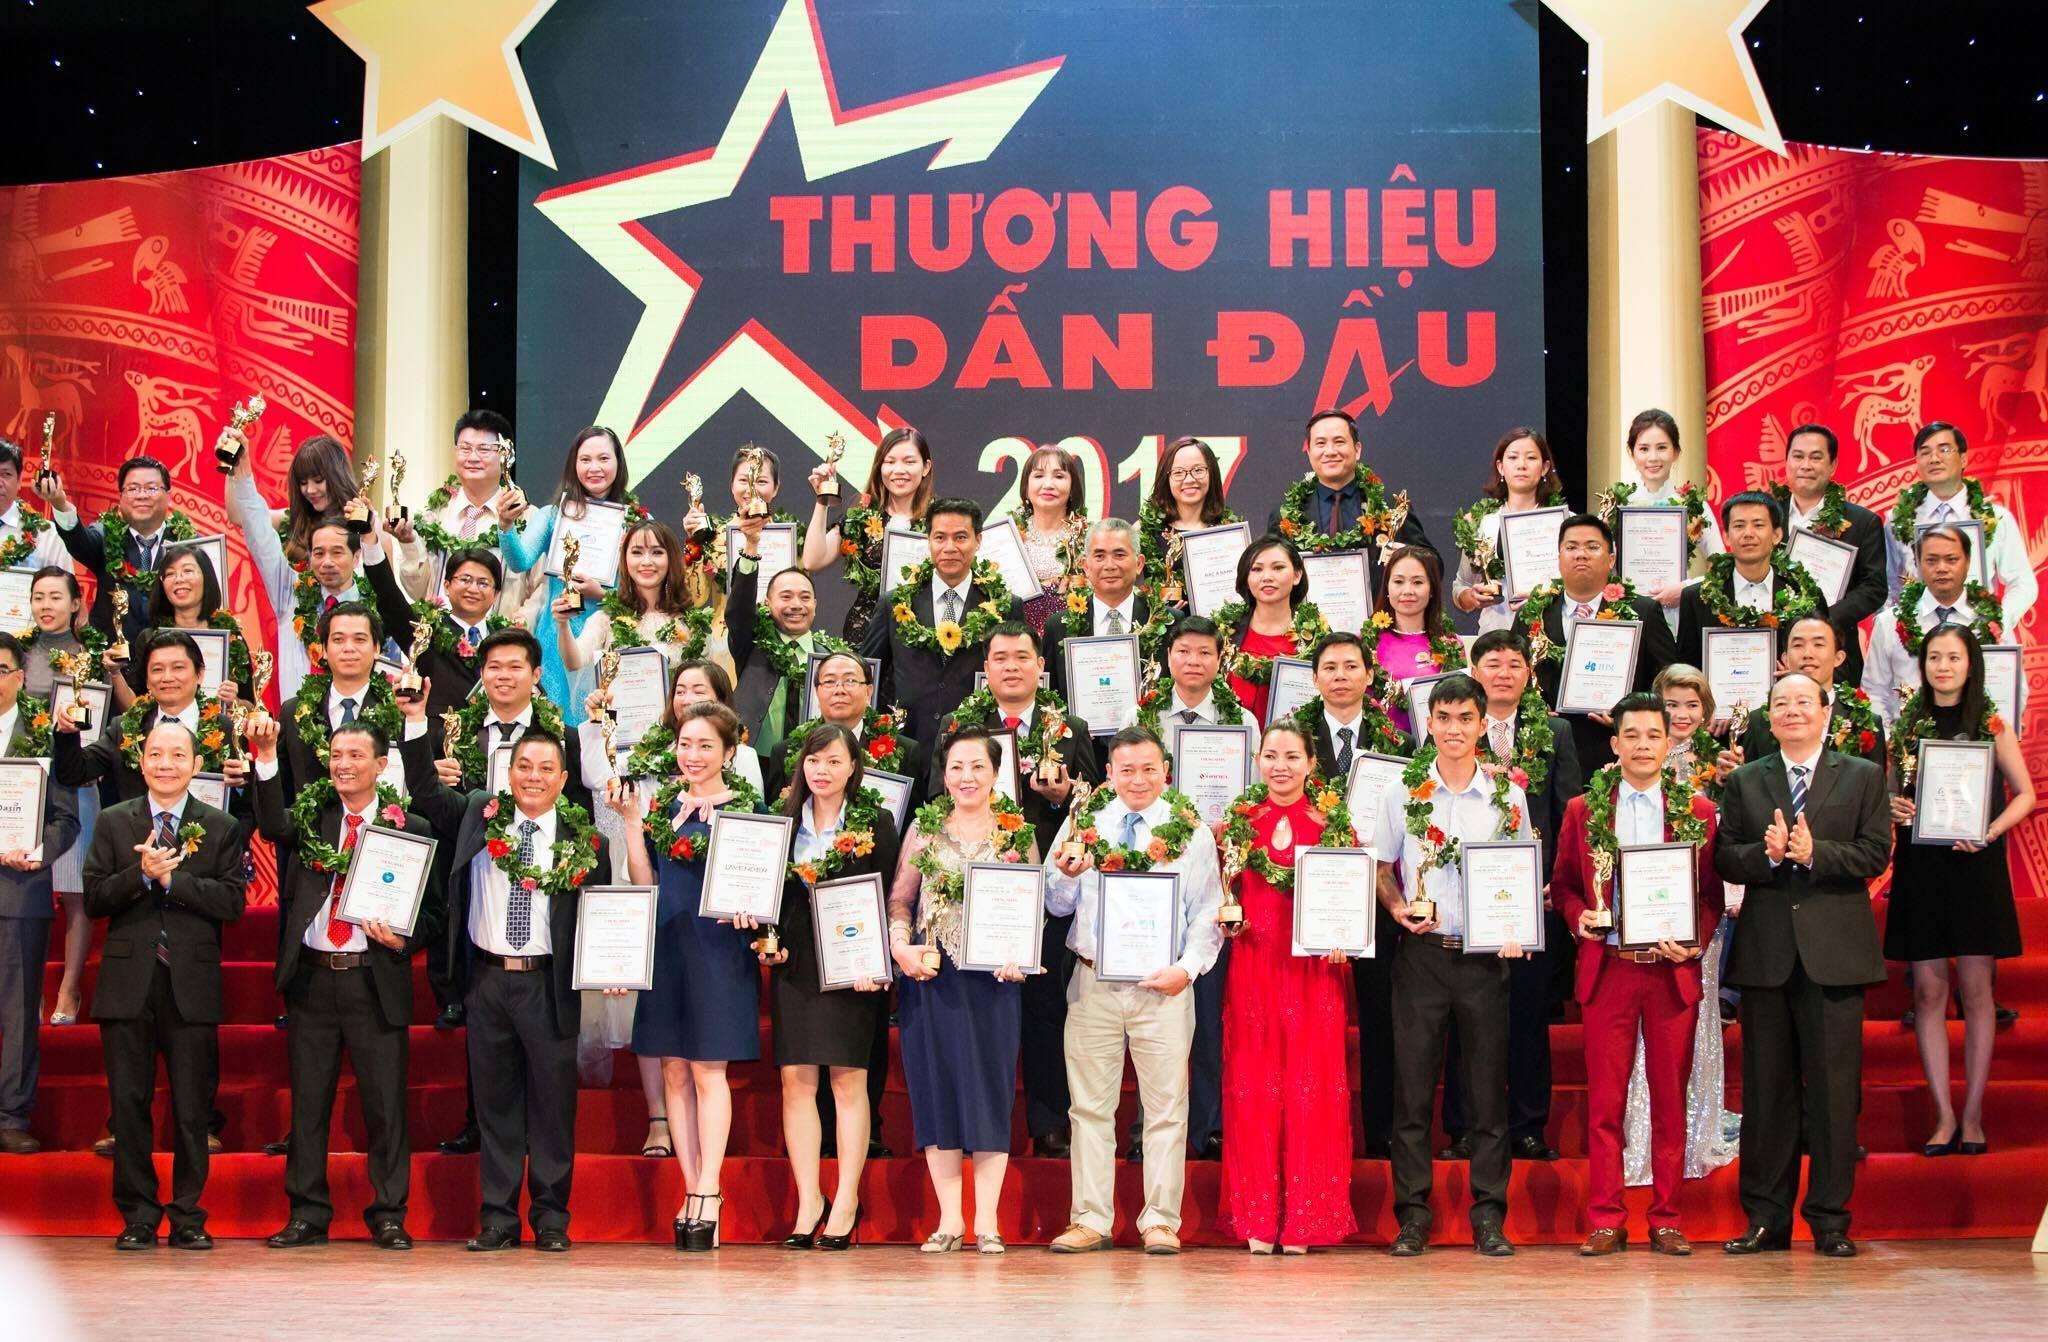 Công ty  Minh Quang Đại Thành Top 10 thương hiệu dẫn đầu năm 2017